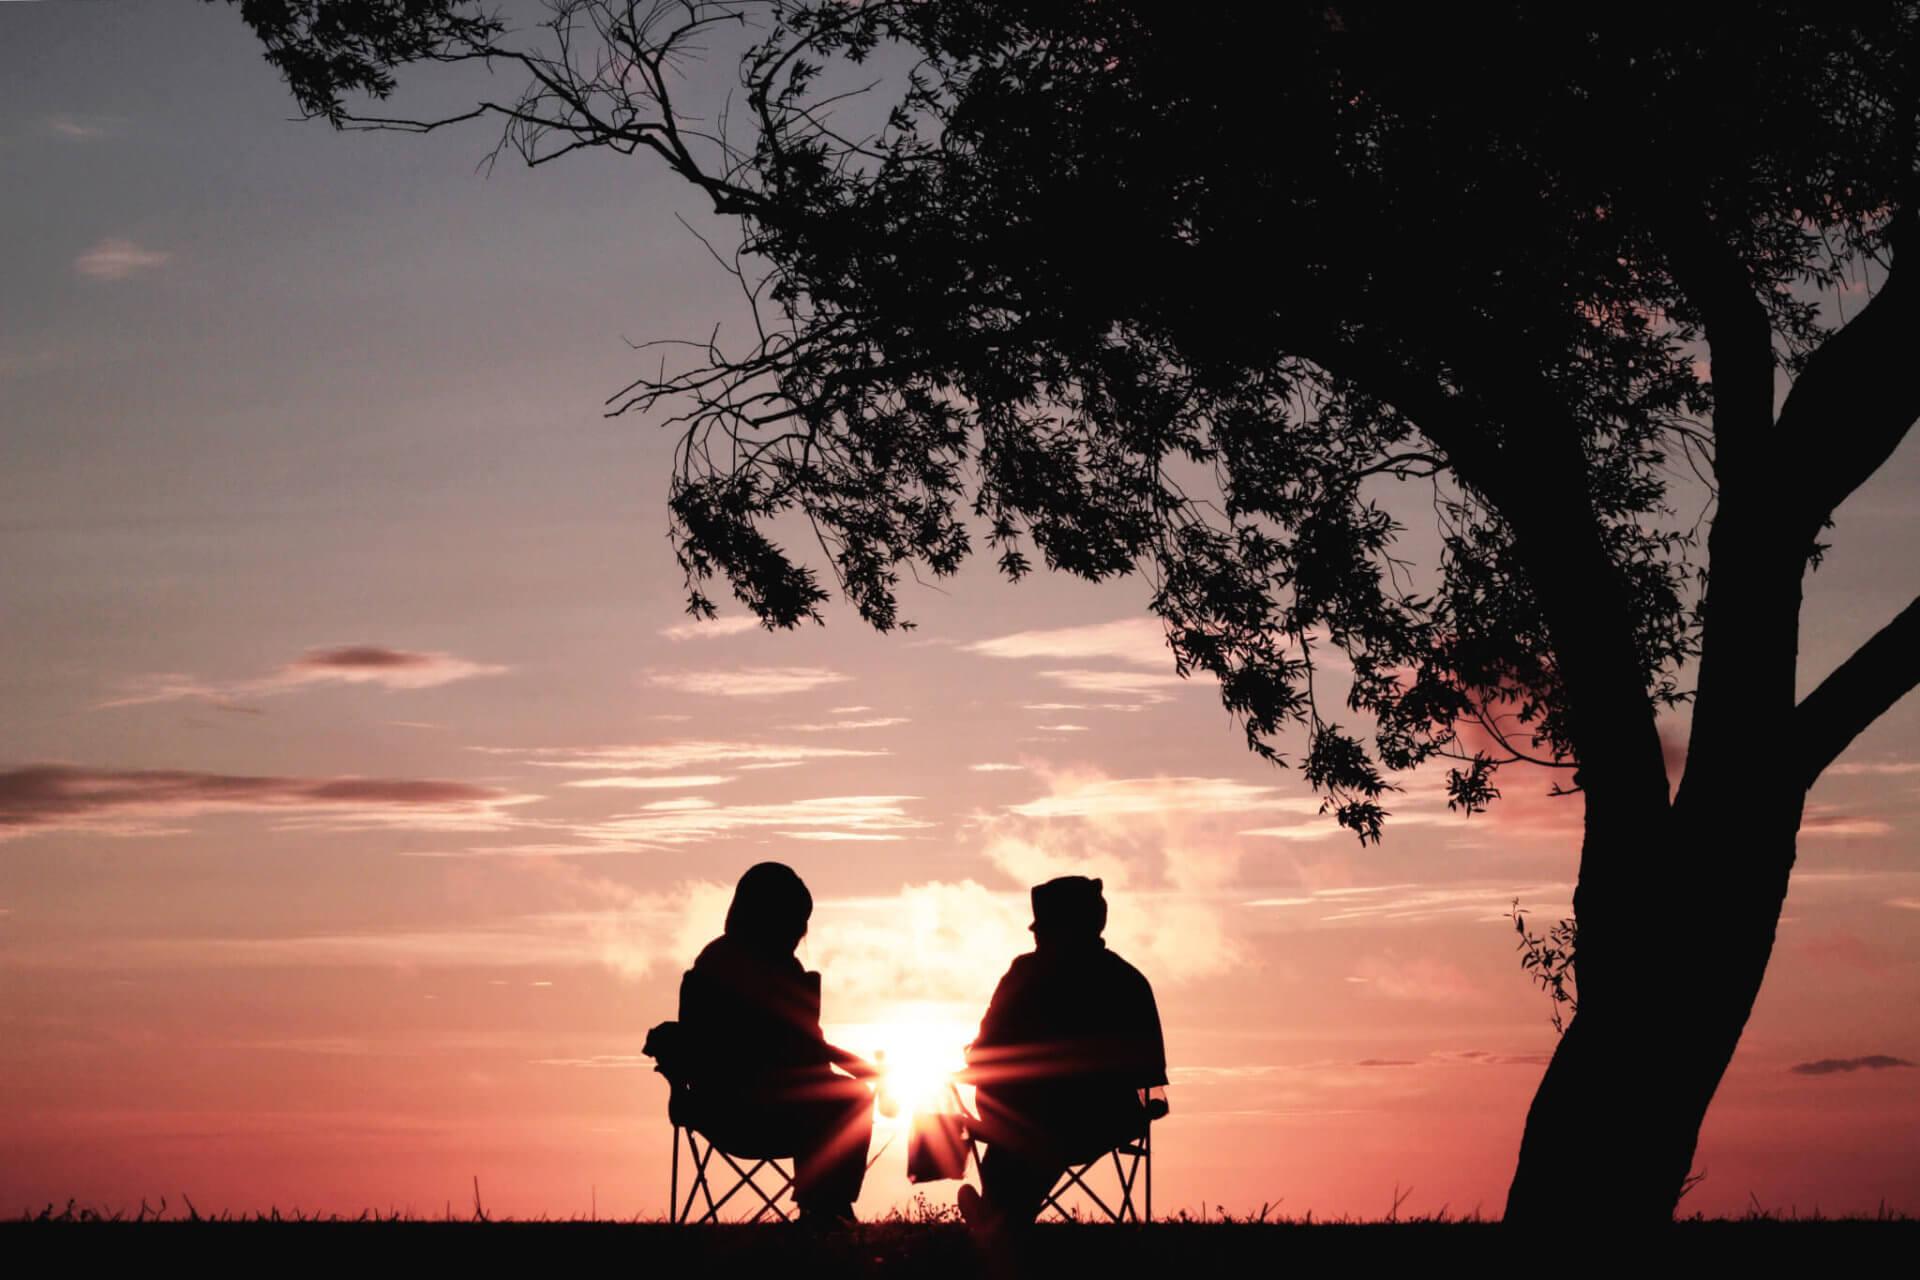 2 people talking under a tree